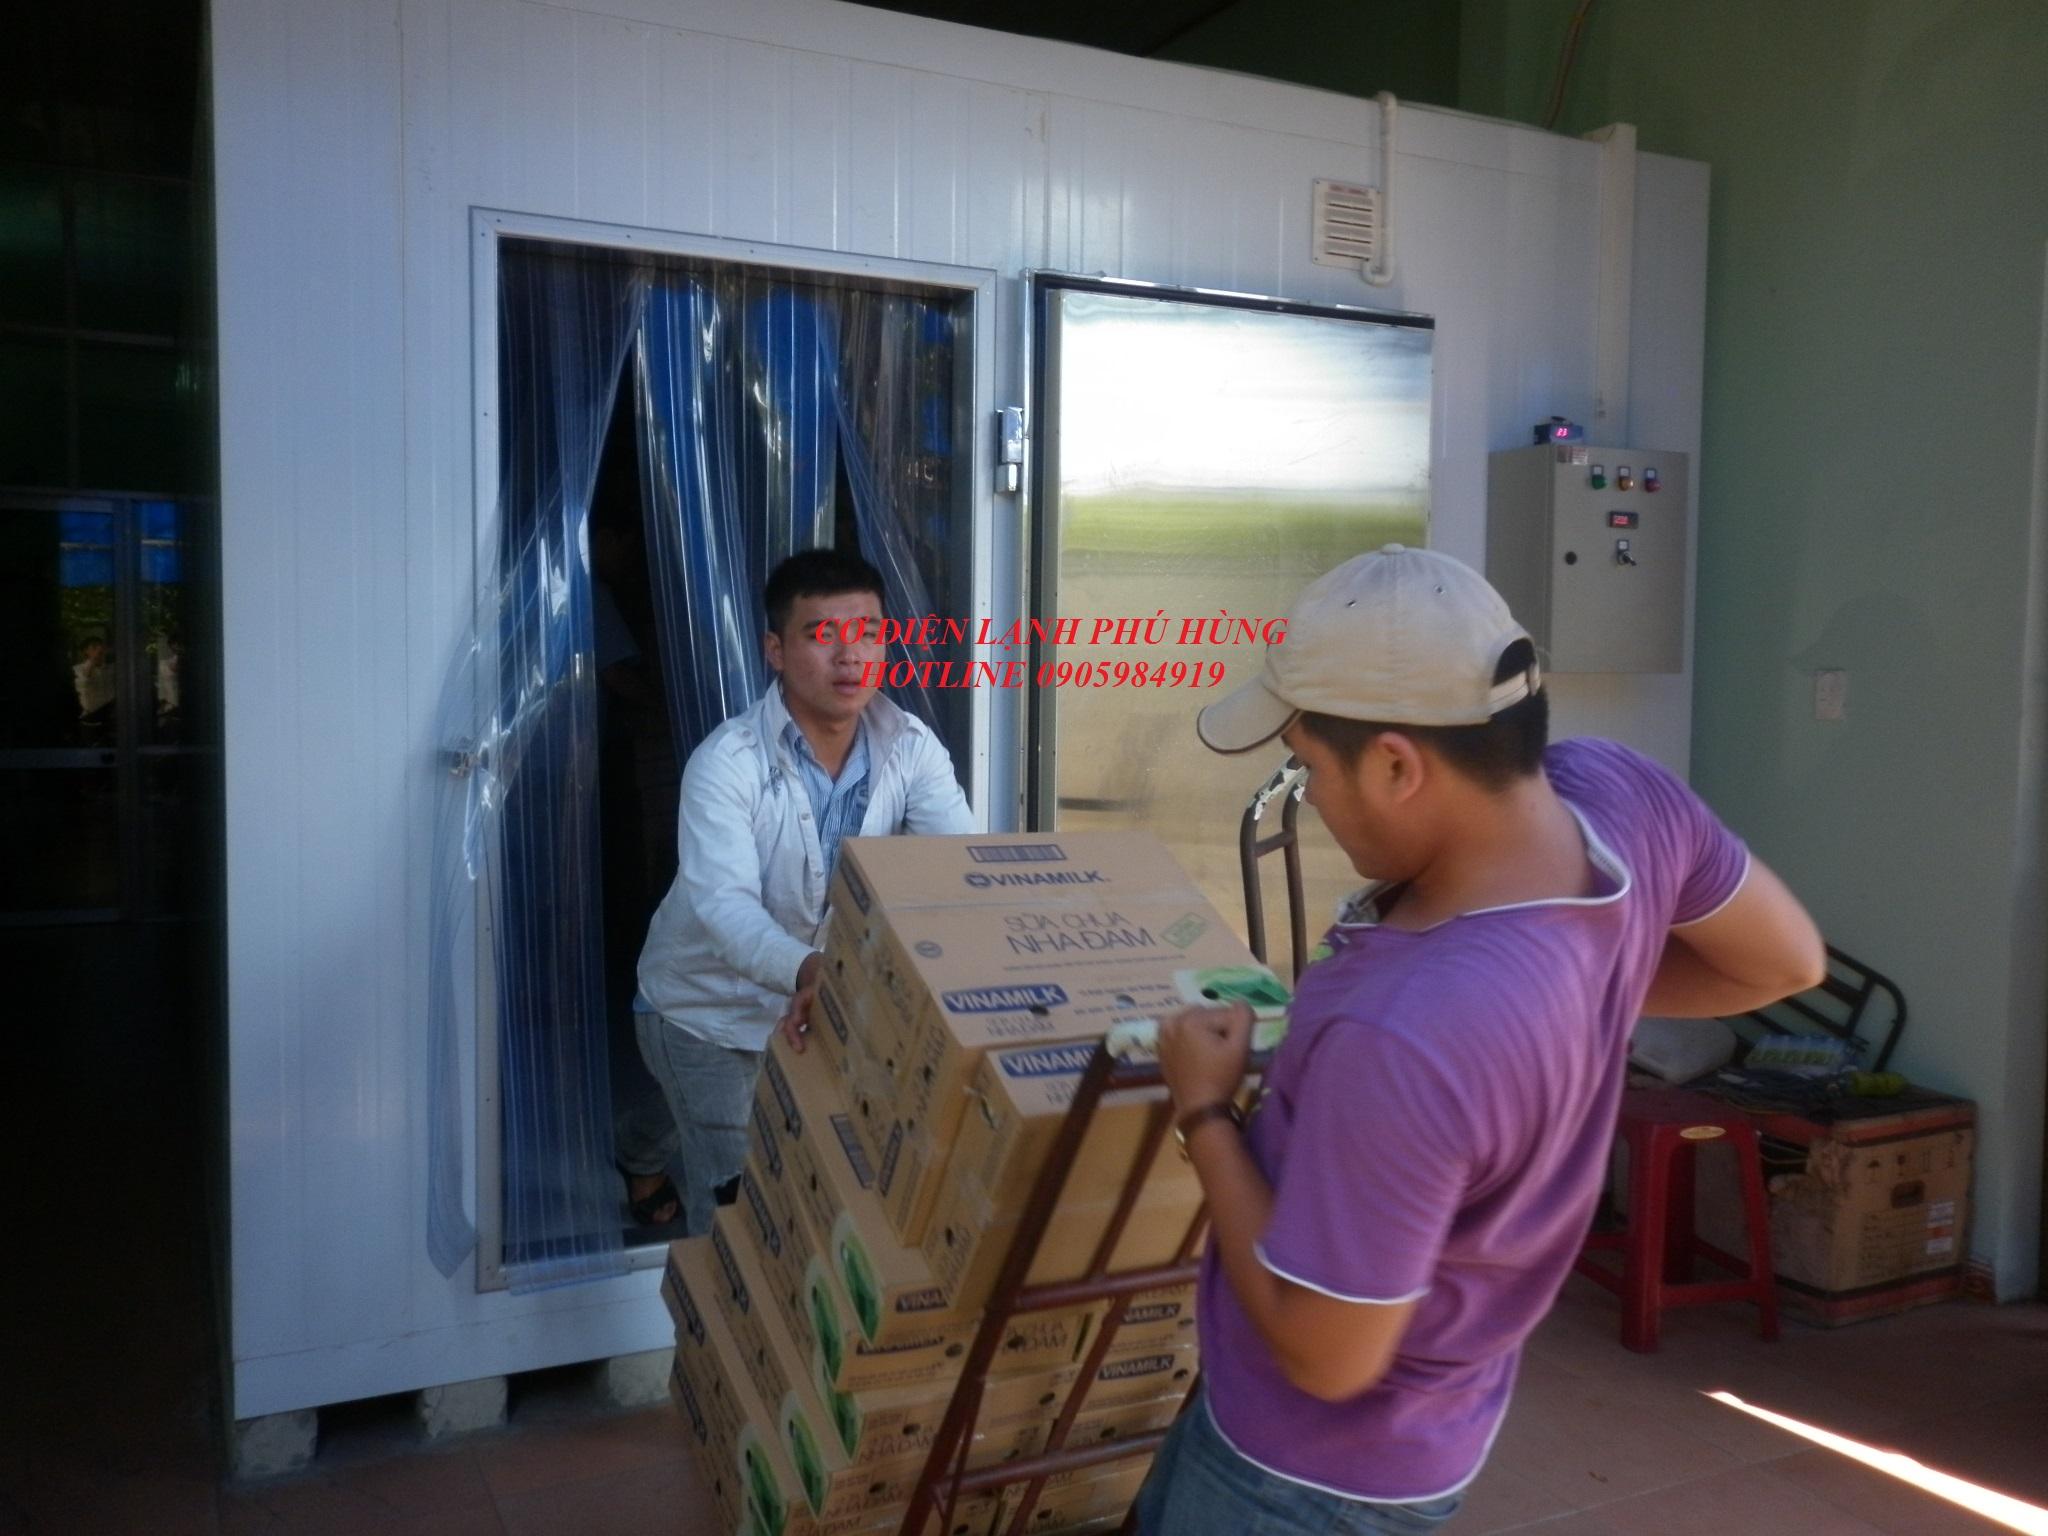 2A1 - Kho lanh bảo quản sữa vinamilk - Cty MTV Toàn Thành